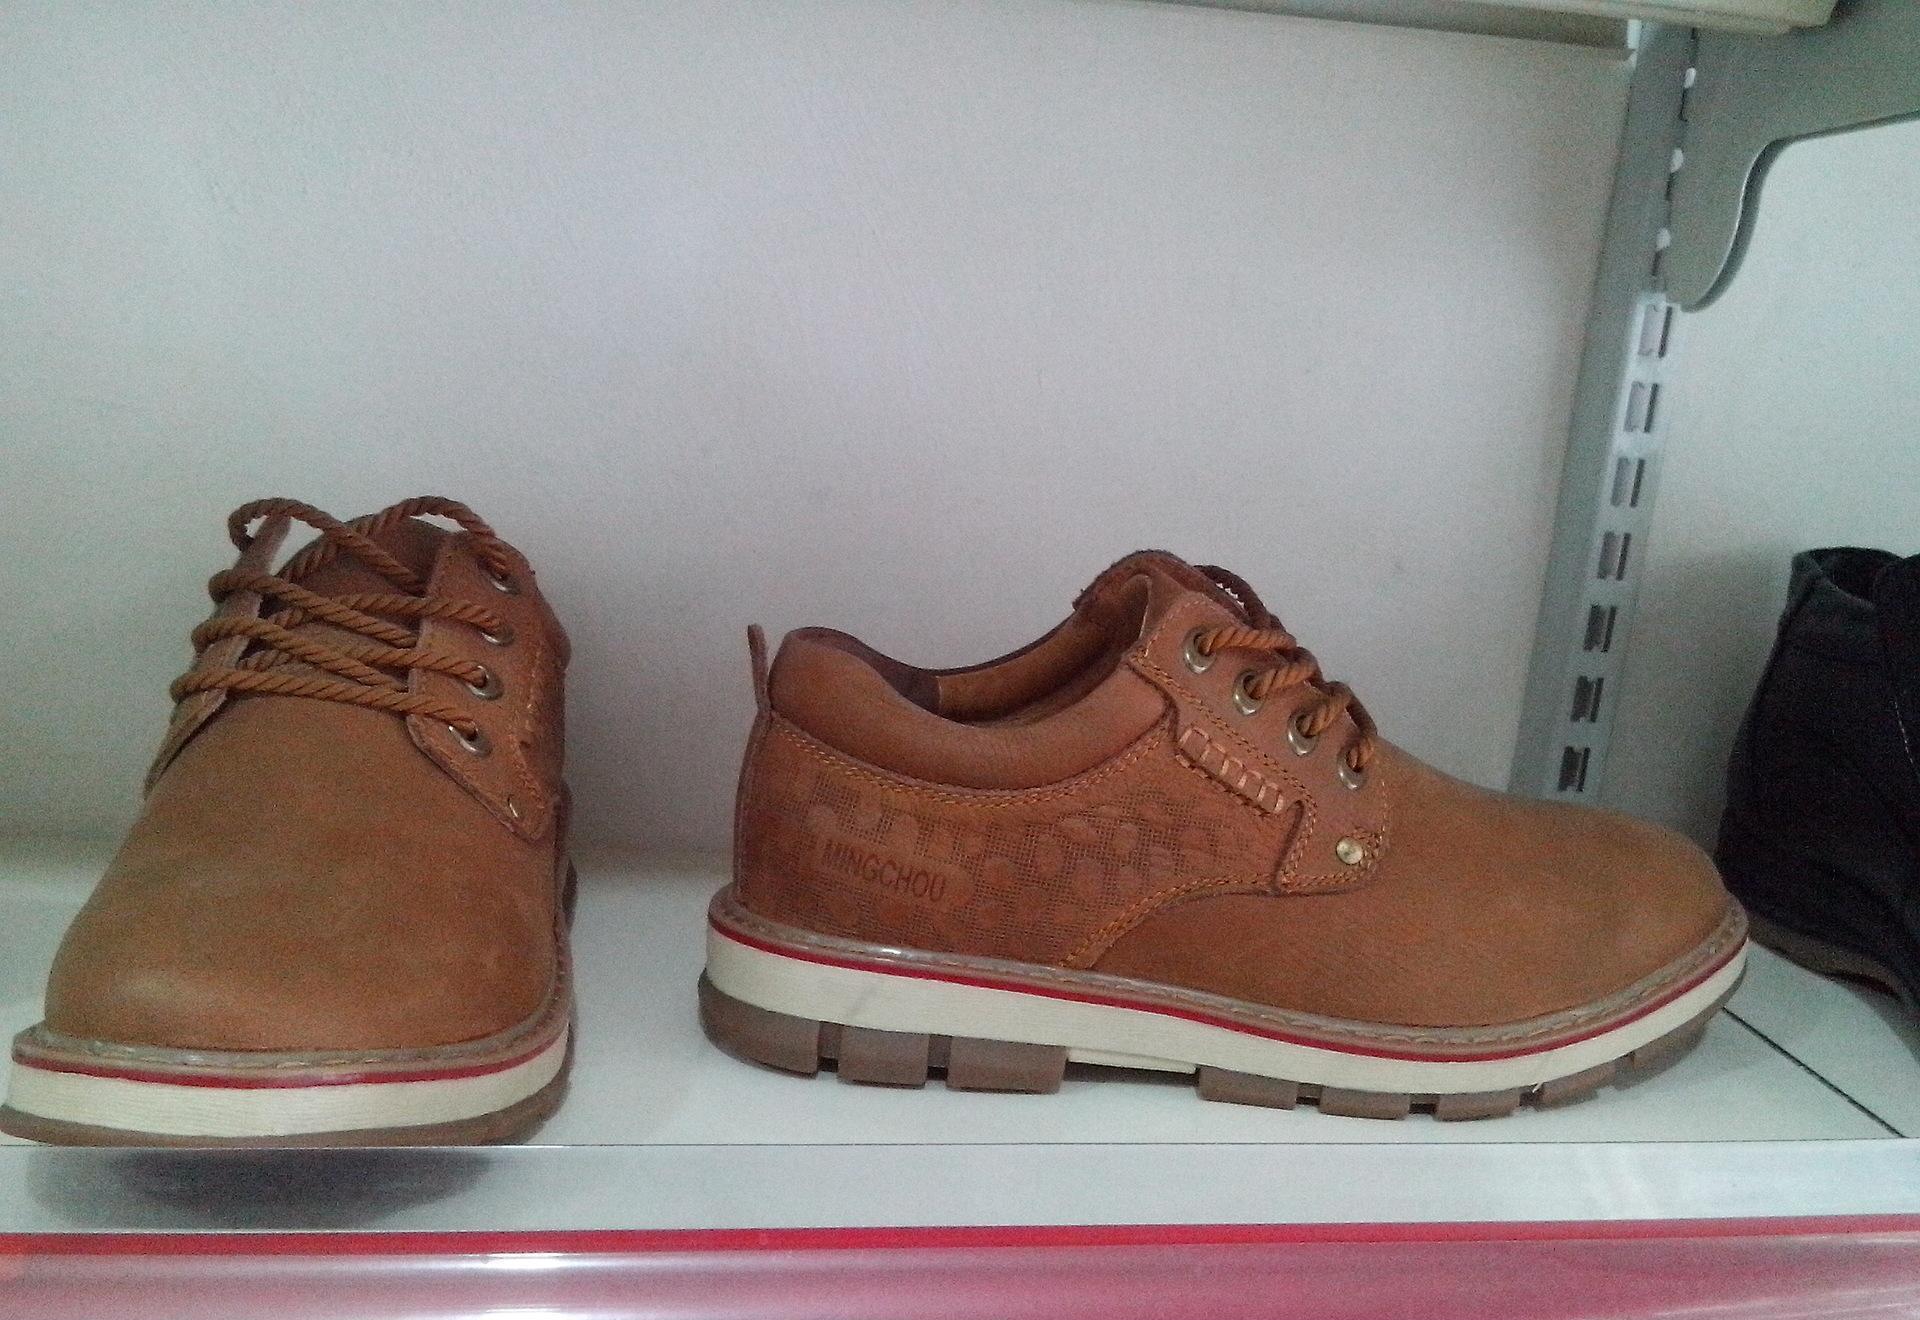 超值特卖 真皮休闲鞋